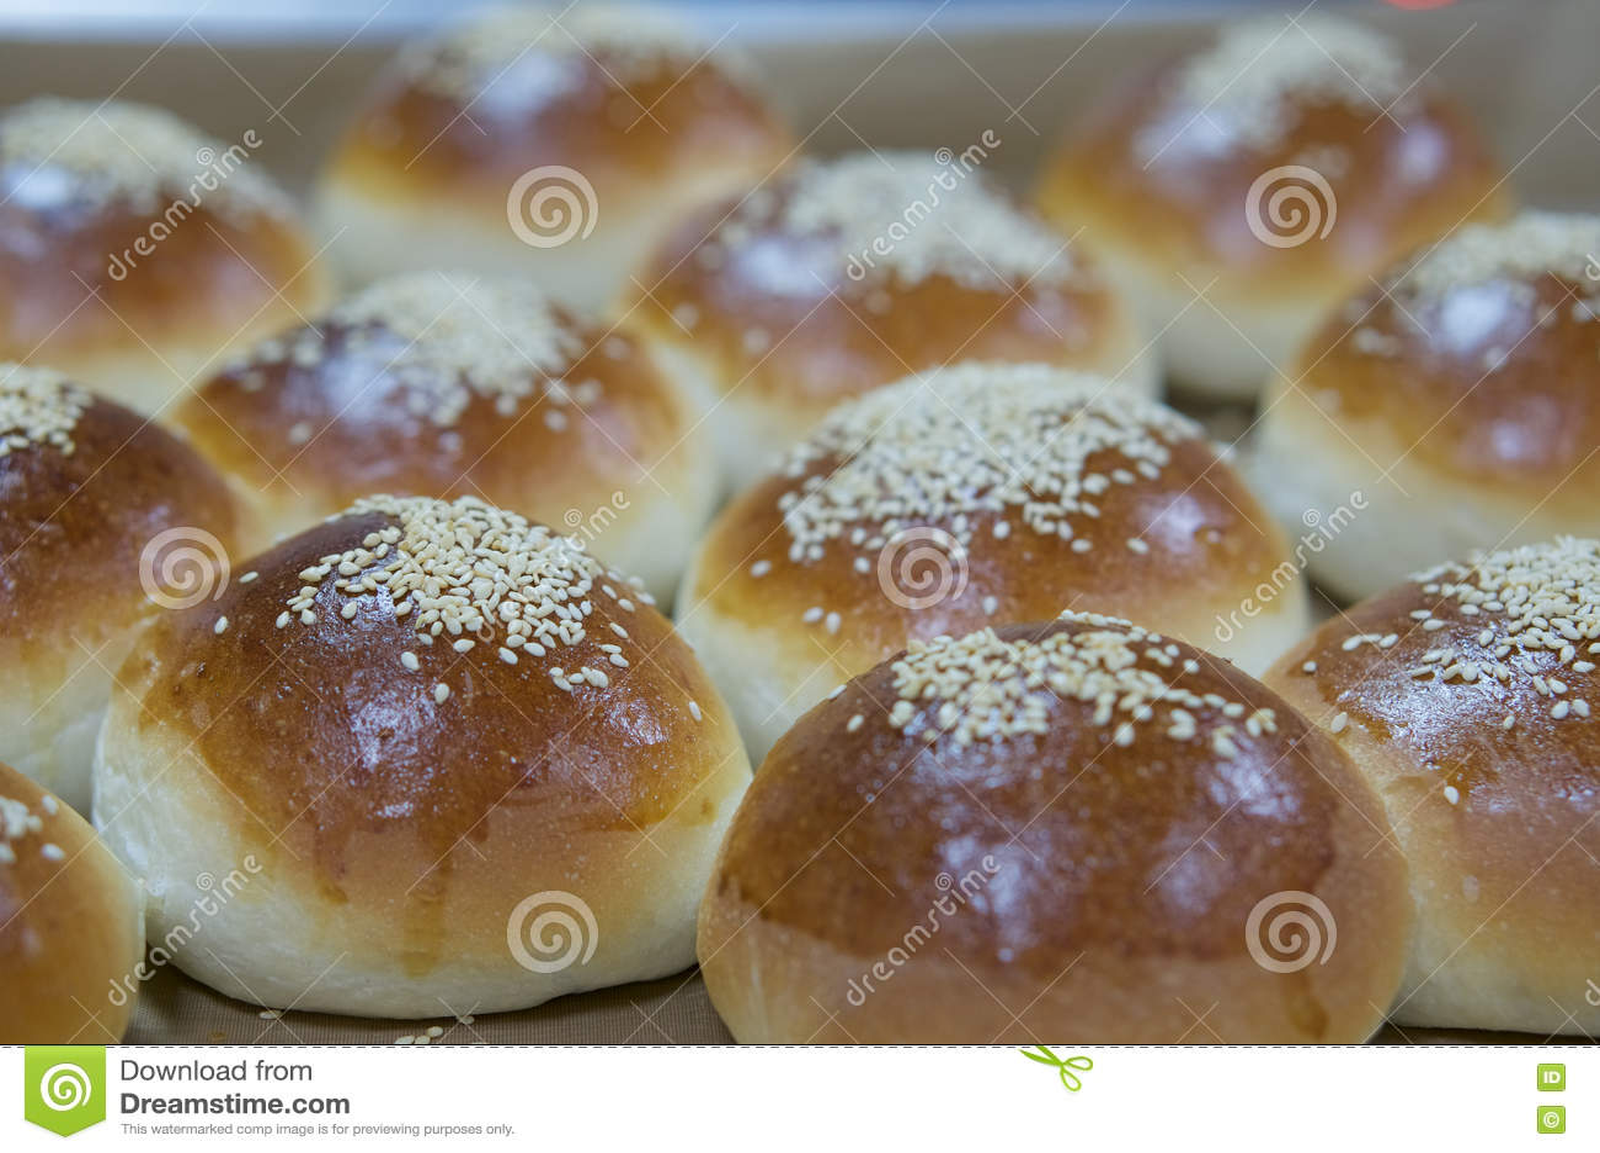 Heerlijk brood met sesam